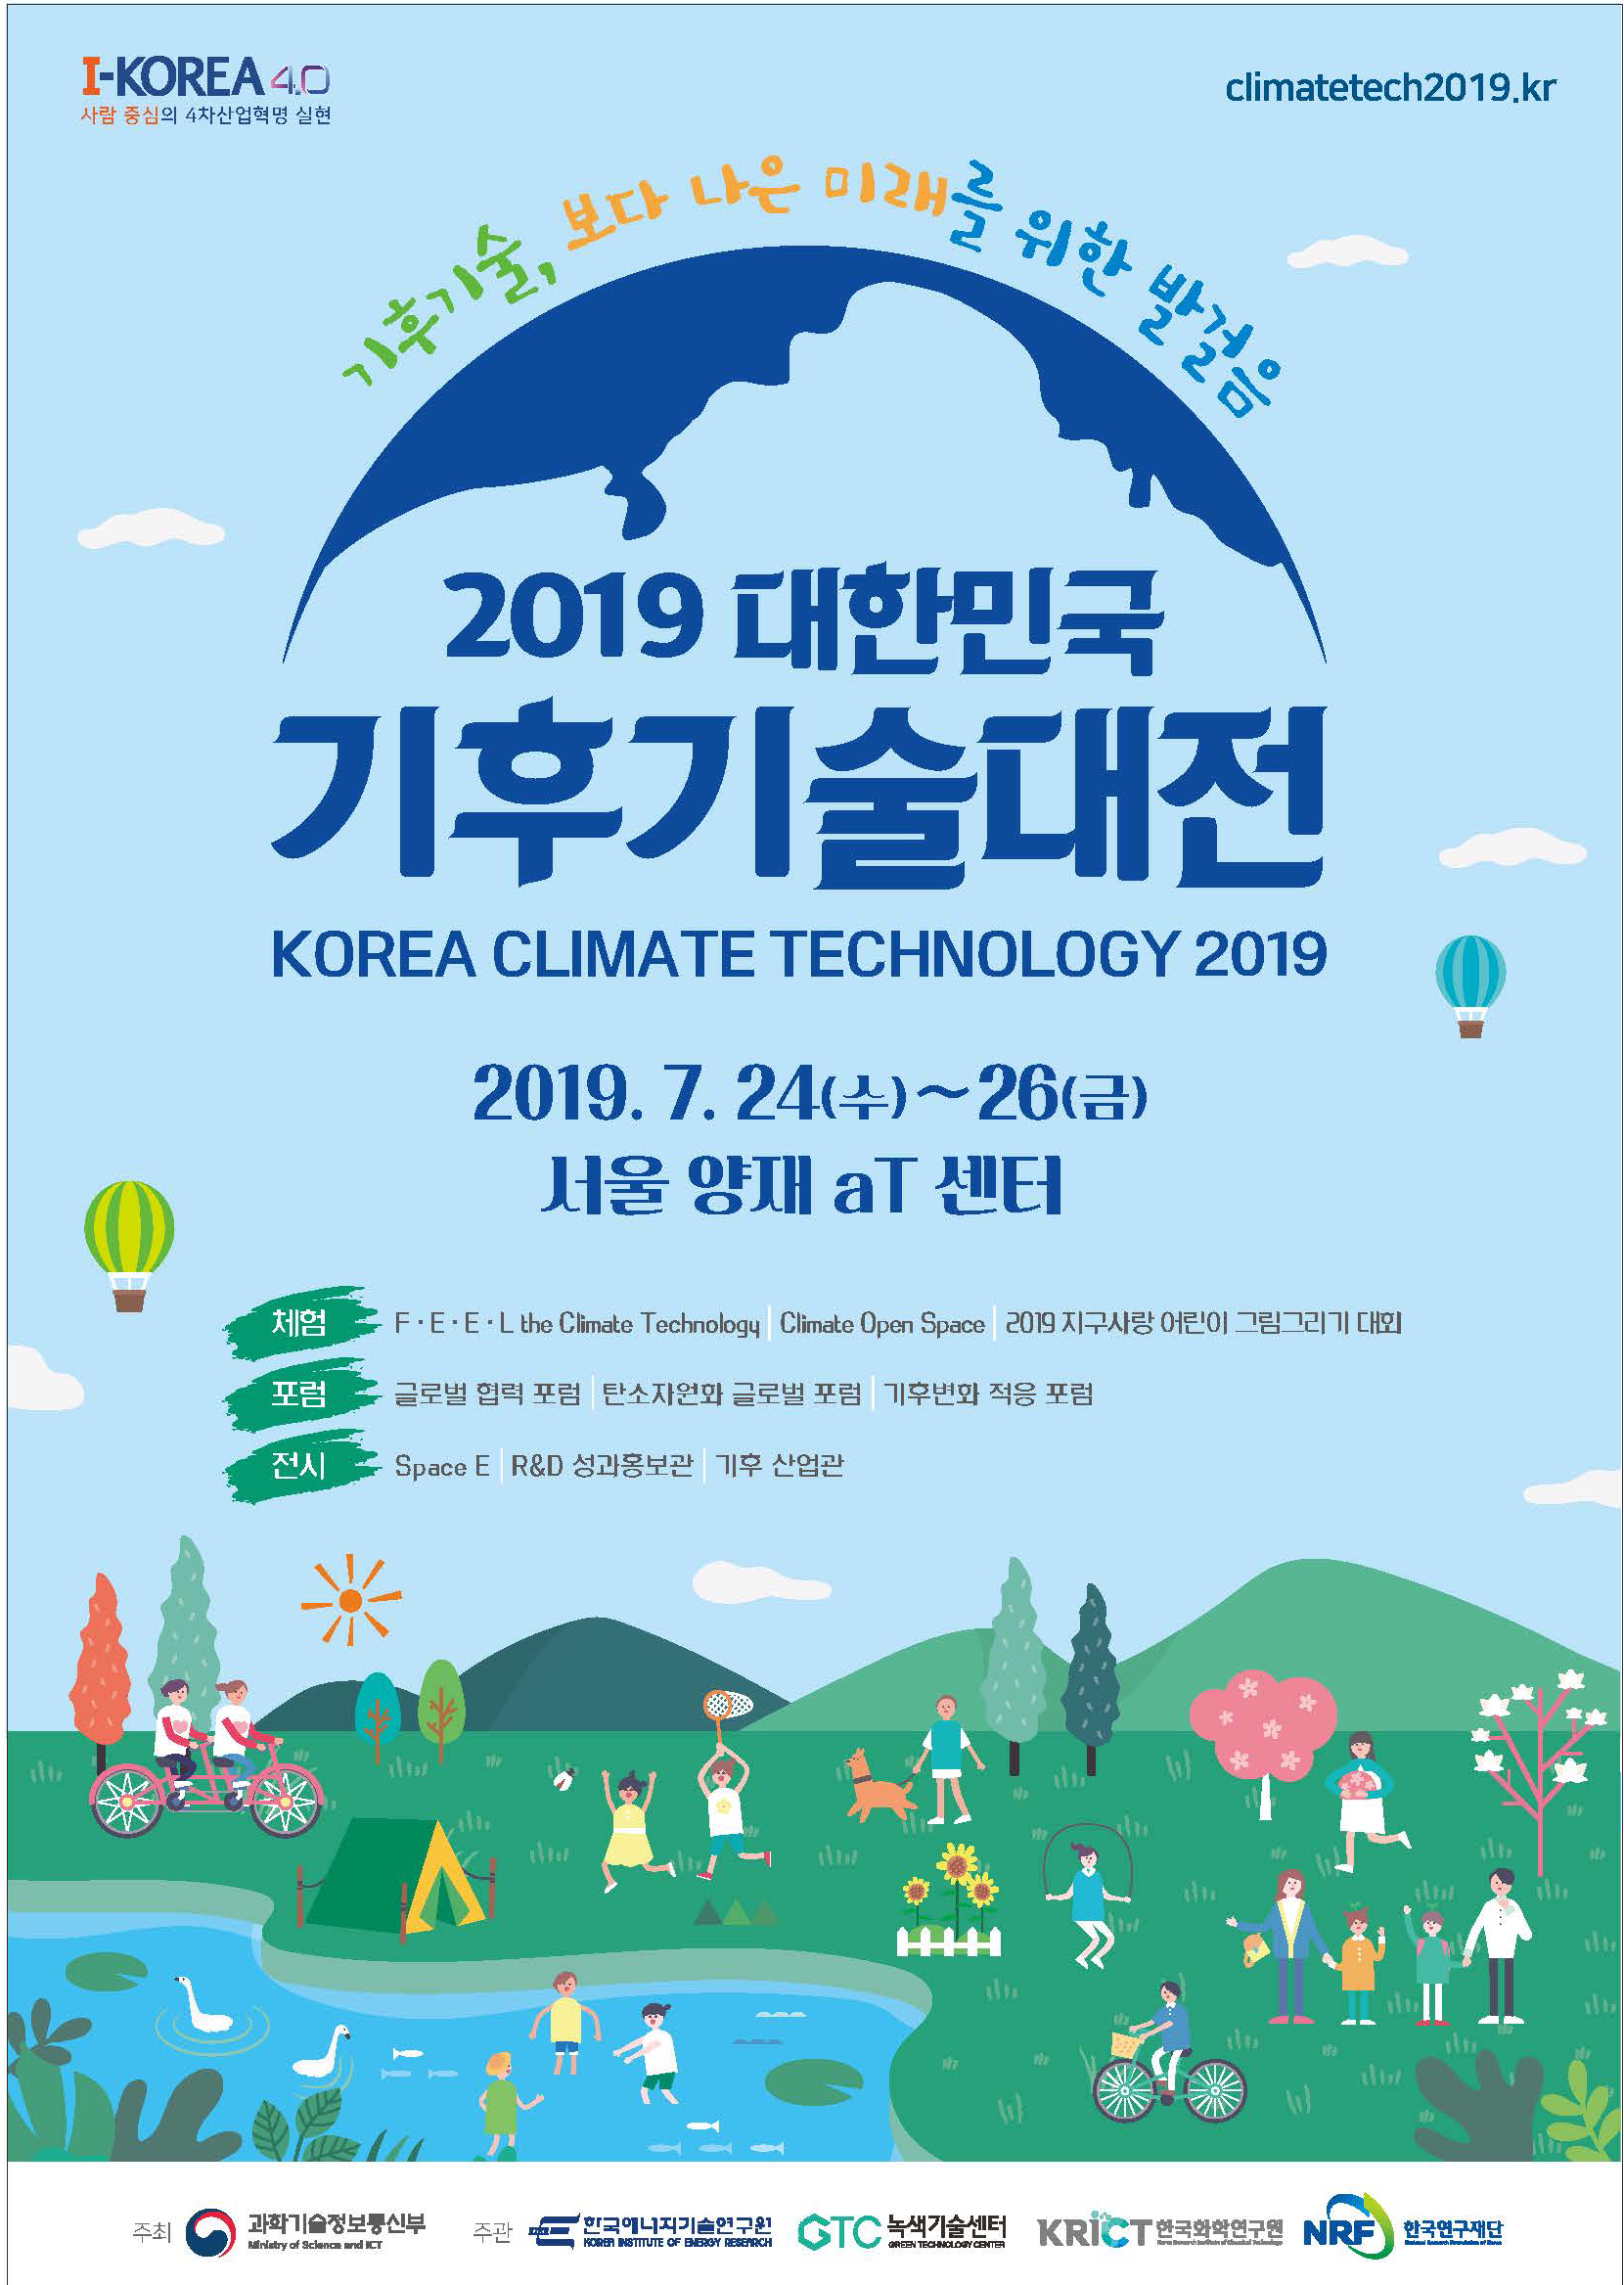 2019 대한민국 기후기술대전